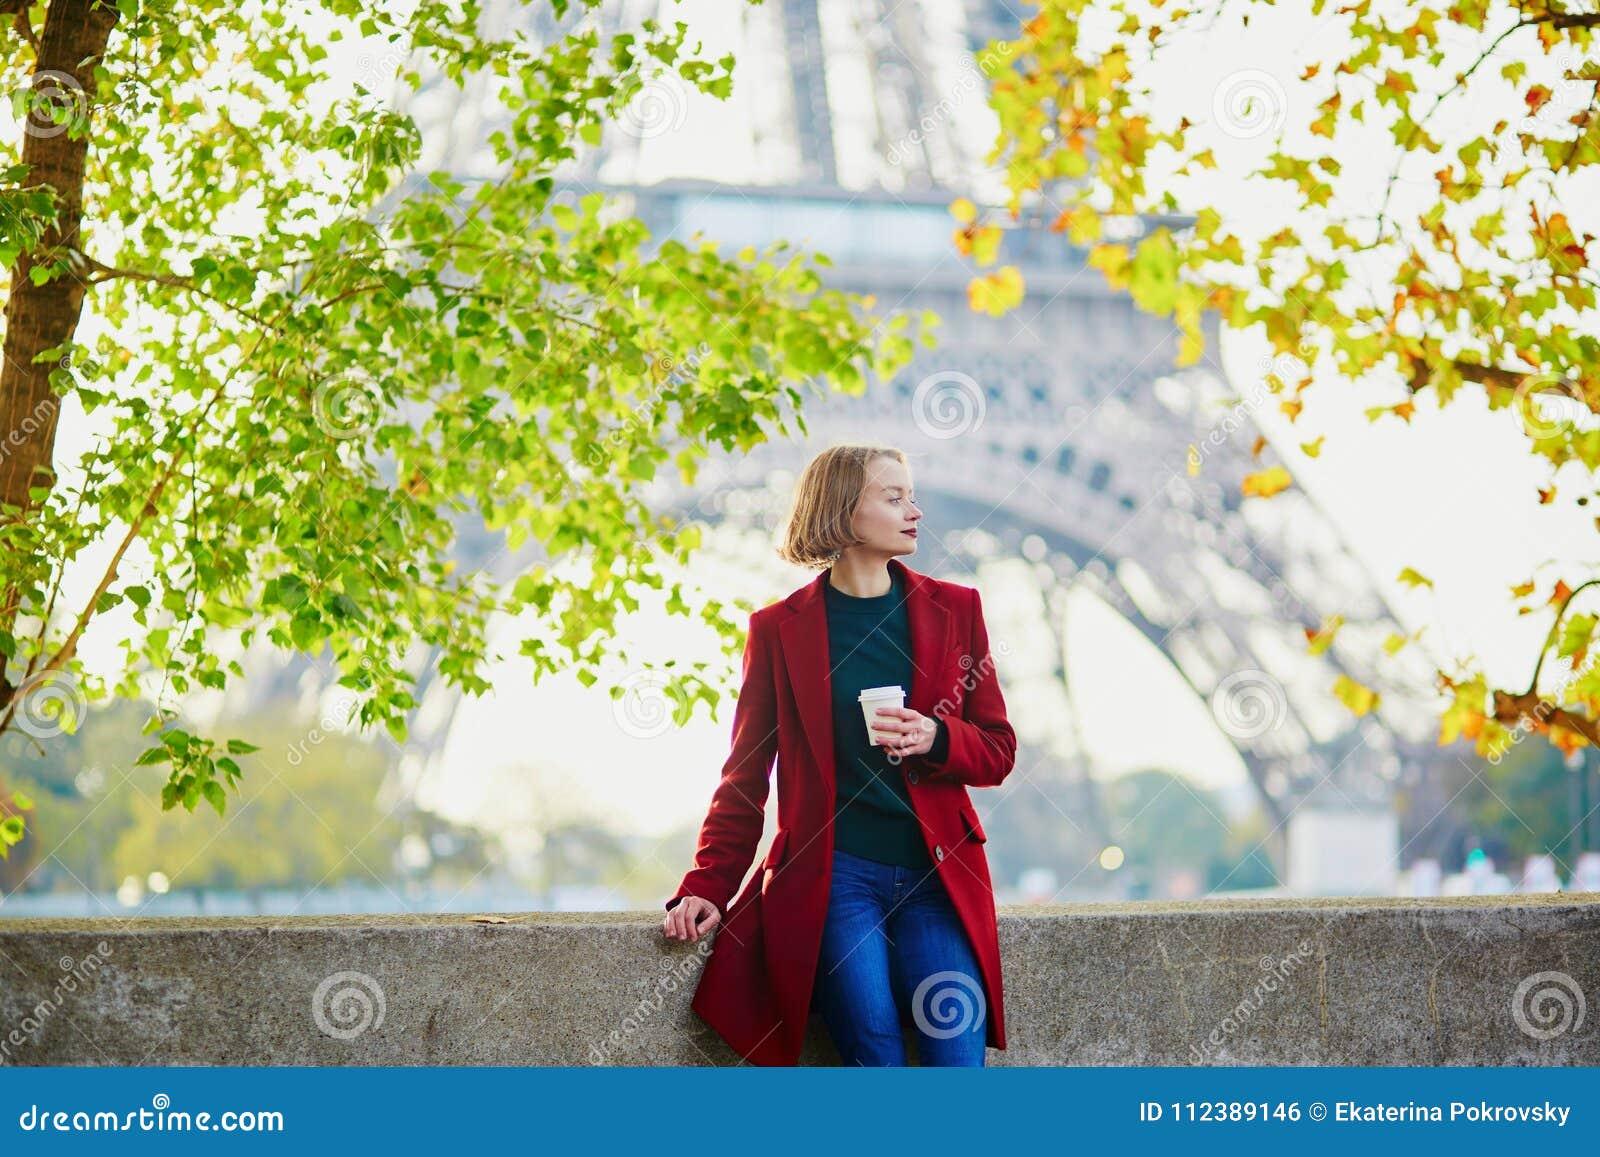 Красивая молодая французская женщина около Эйфелевой башни в Париже